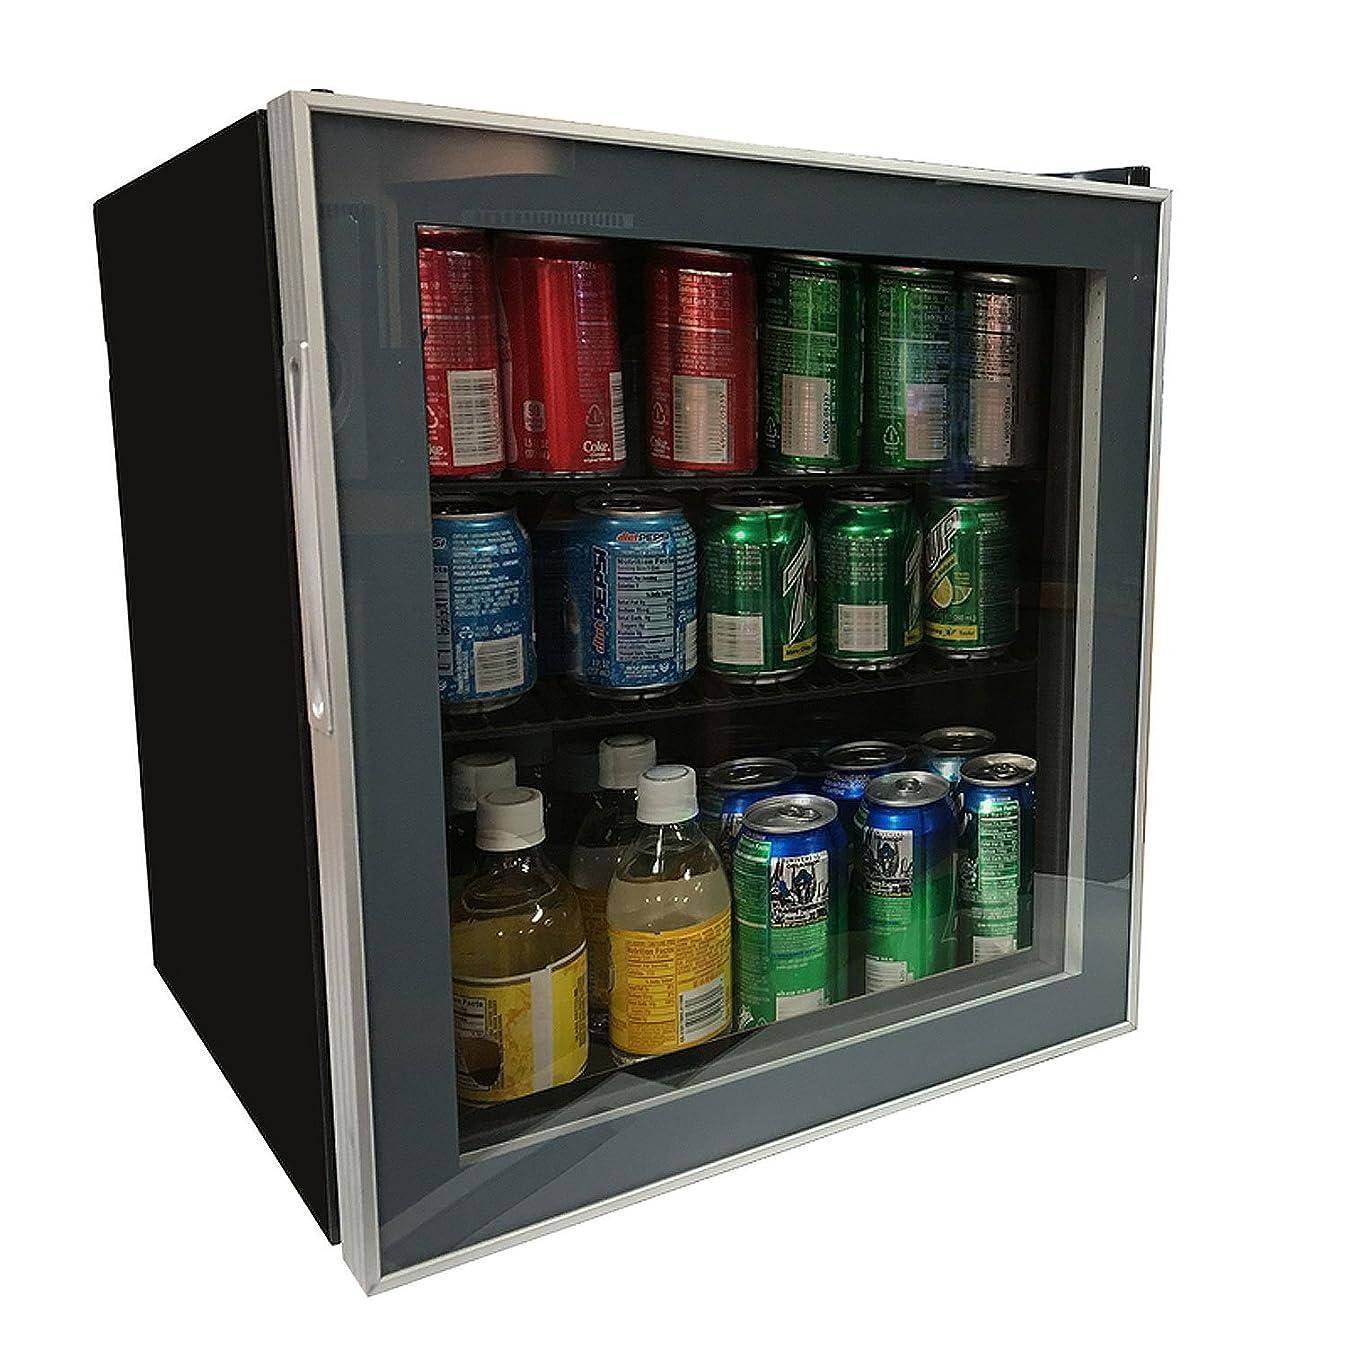 Avanti ARBC17T2PG Beverage Cooler